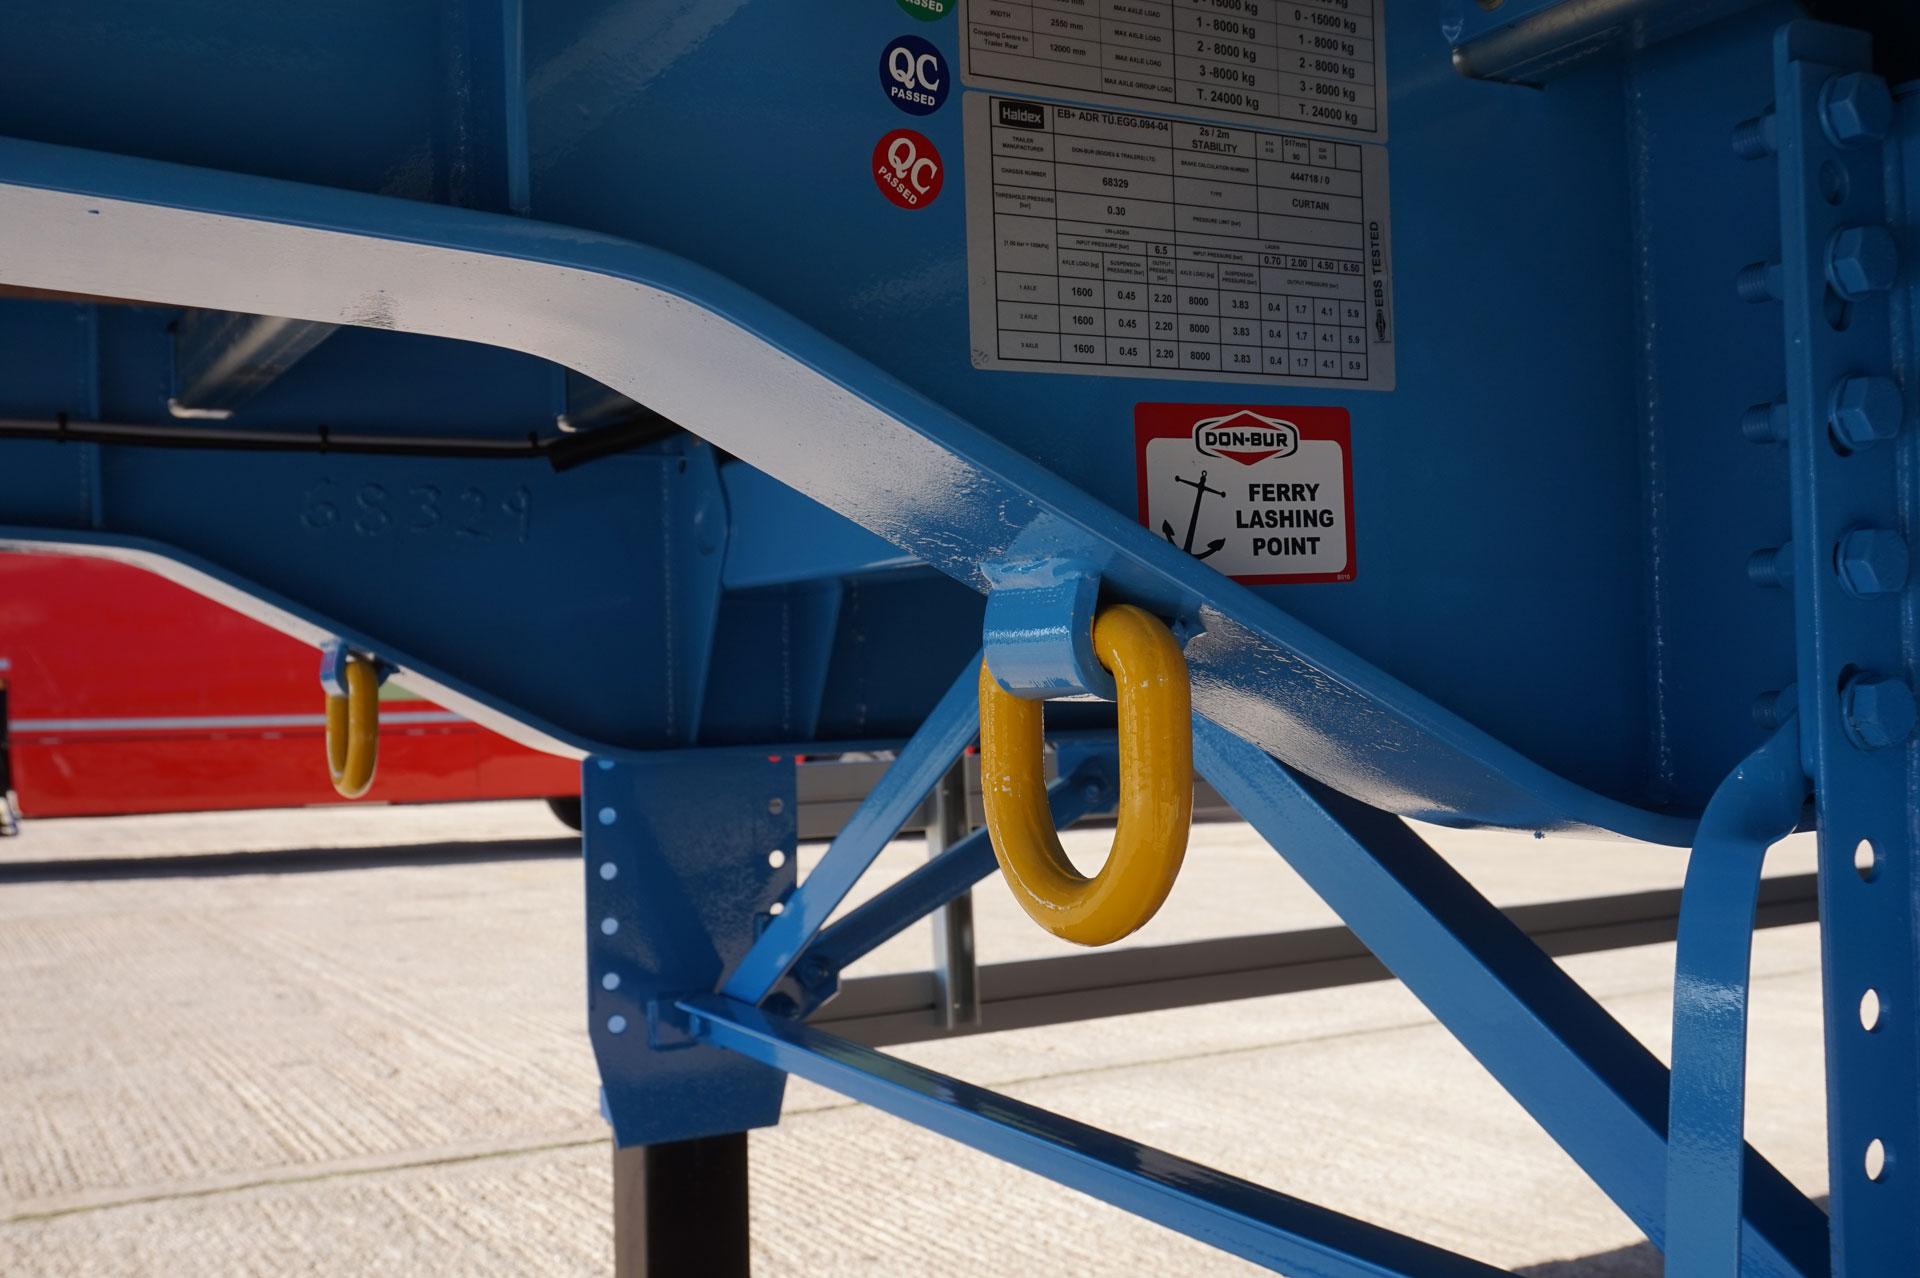 Ferry Lashing Rings